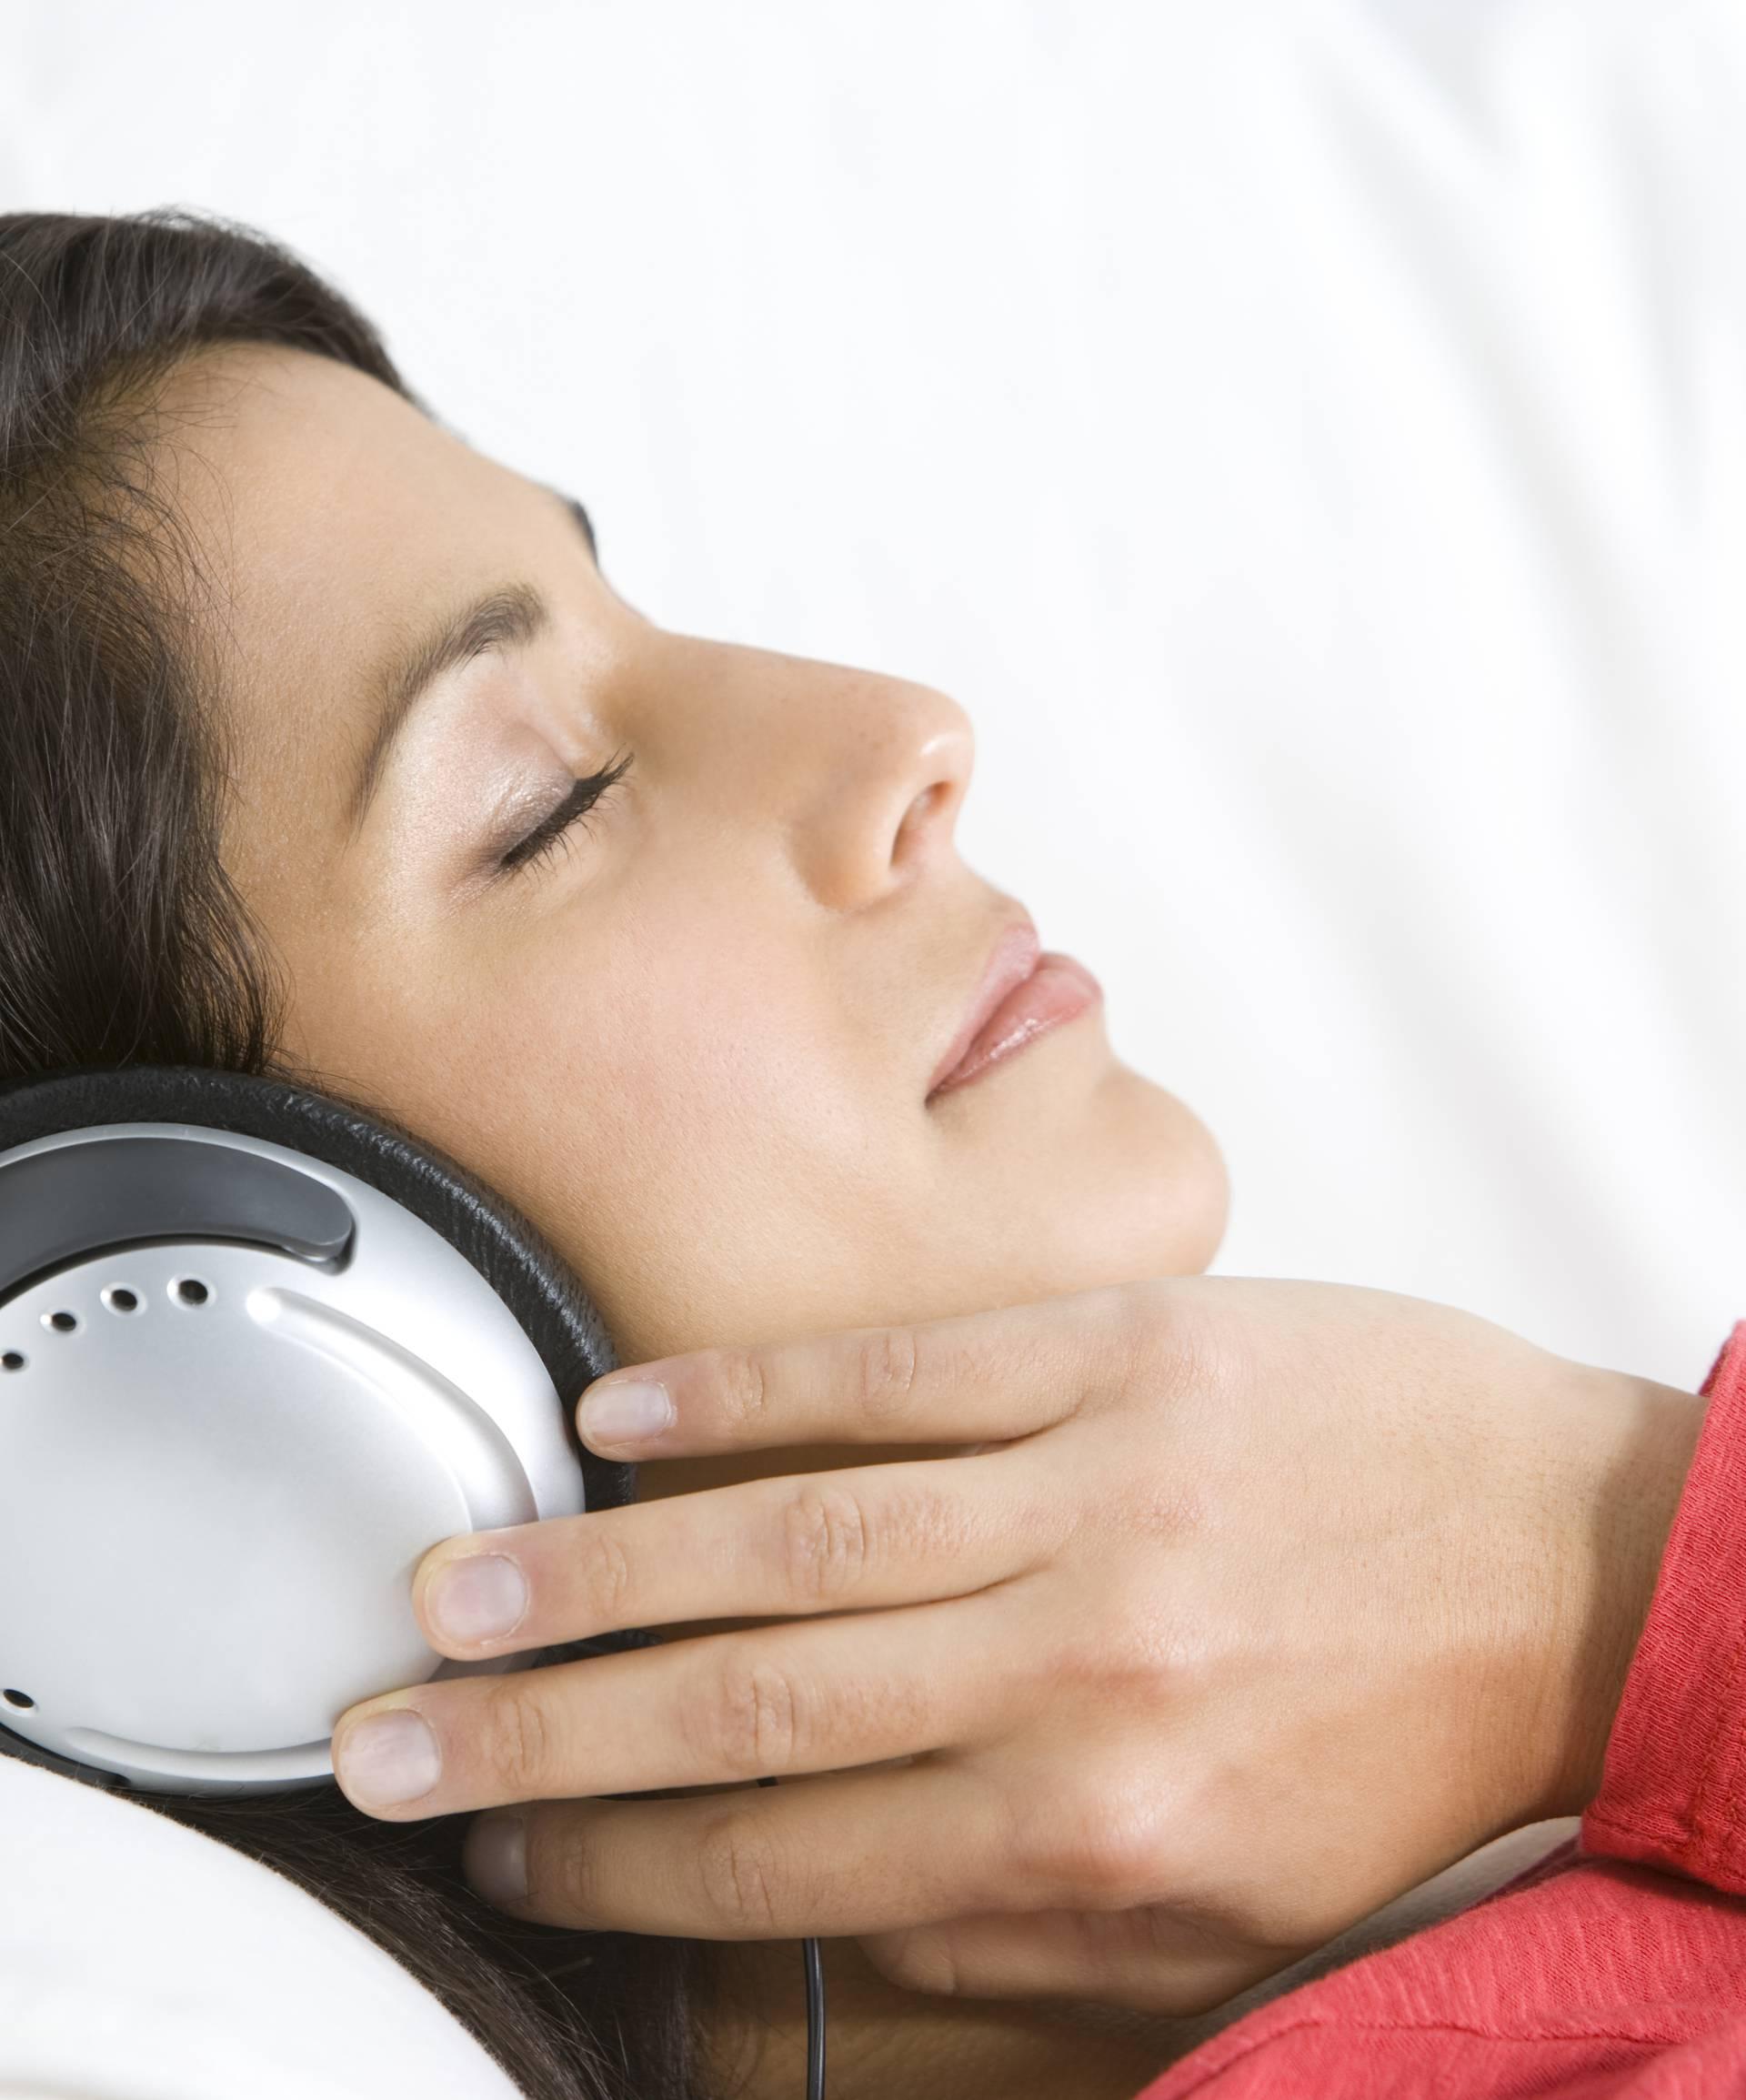 'Pacijenti se slušanjem glazbe lakše oporavljaju od moždanog'